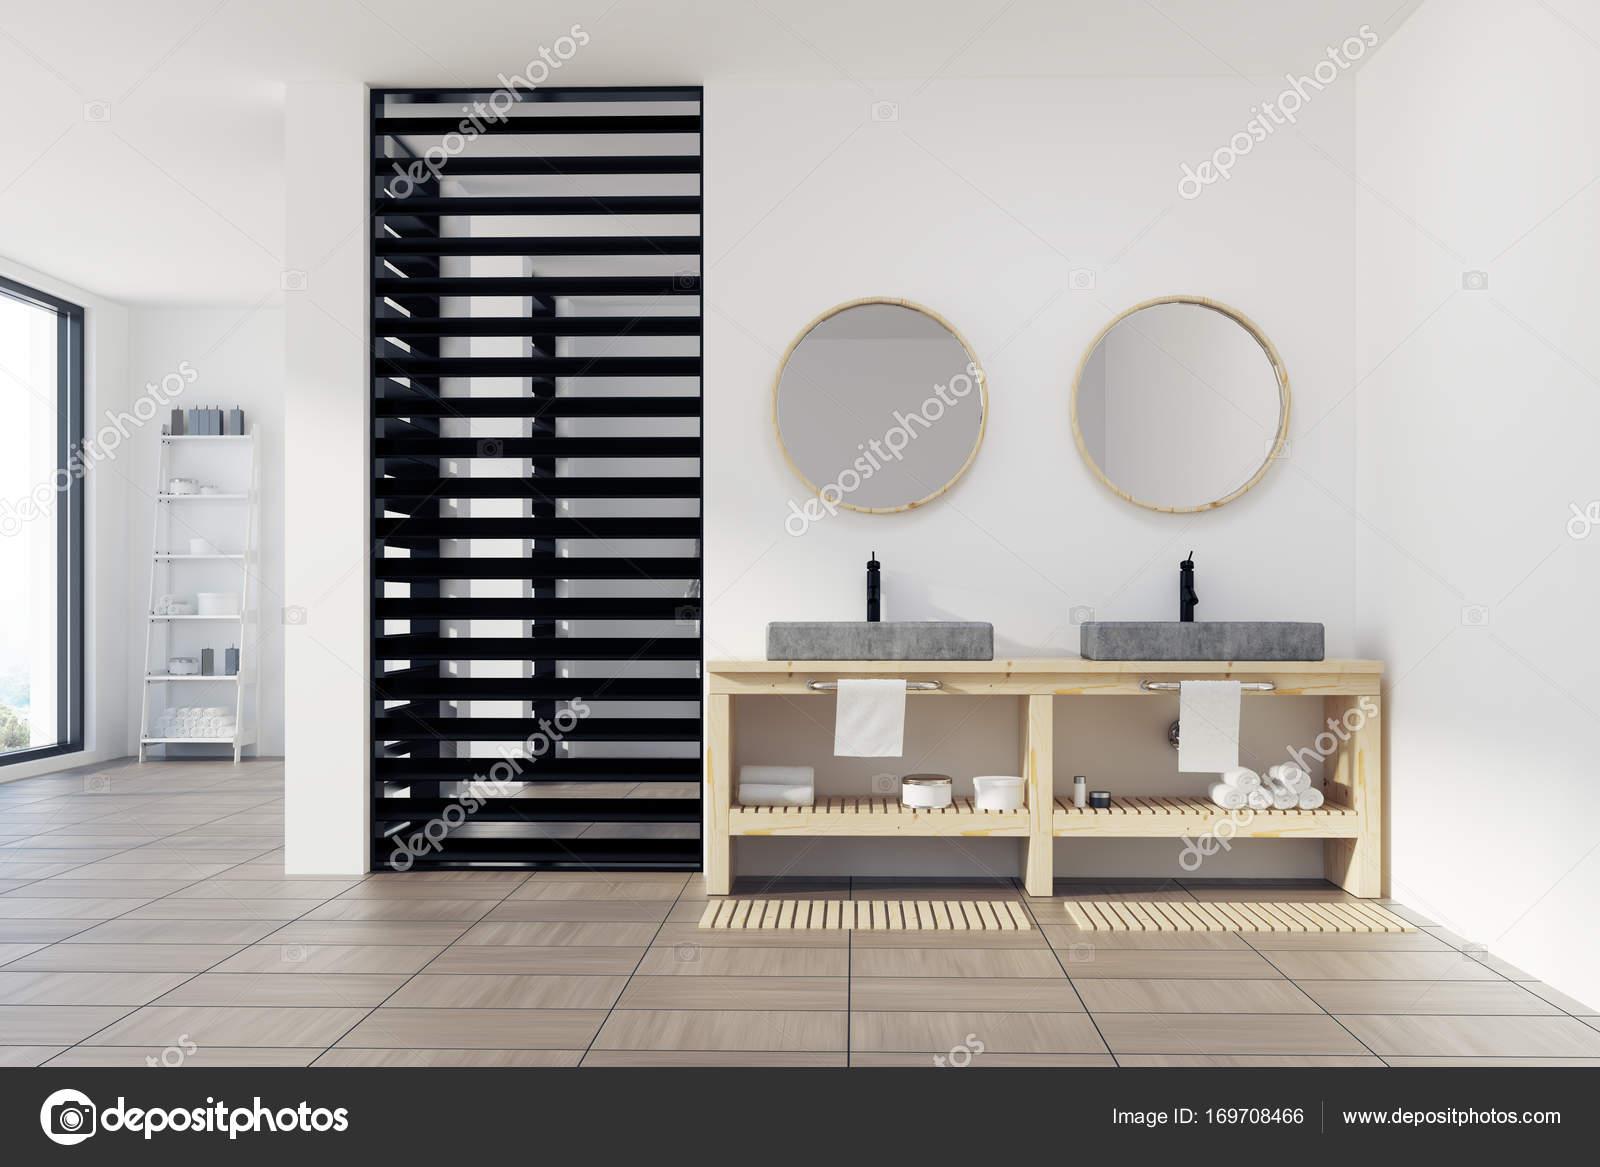 Luxus Badezimmer Interieur Mit Ein Großes Fenster, Einen Hölzernen  Fußboden, Weiße Wände Und Ein Doppel Waschbecken Mit Runden Spiegeln über  Es Und Eine ...